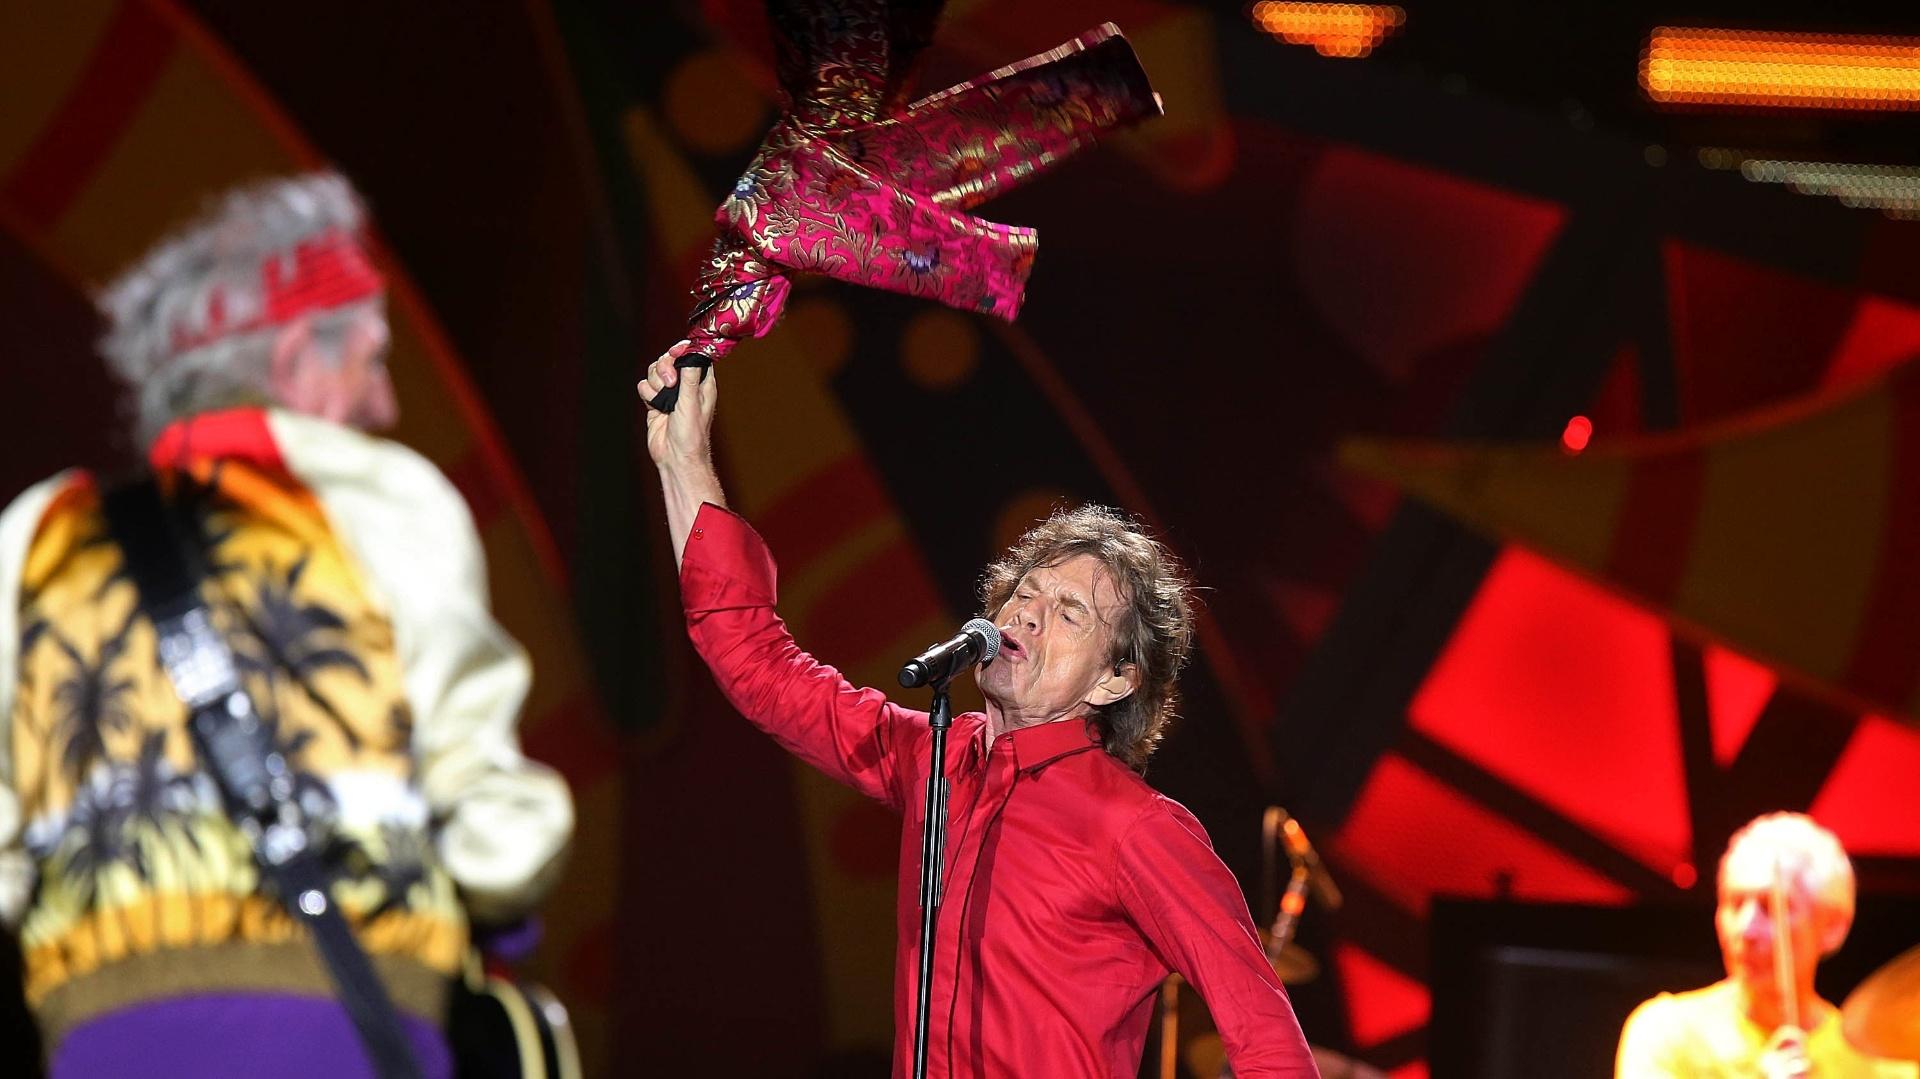 20.fev.2016 - Mick Jagger e sua banda Rolling Stones se apresentam no estádio do Maracanã, no Rio de Janeiro